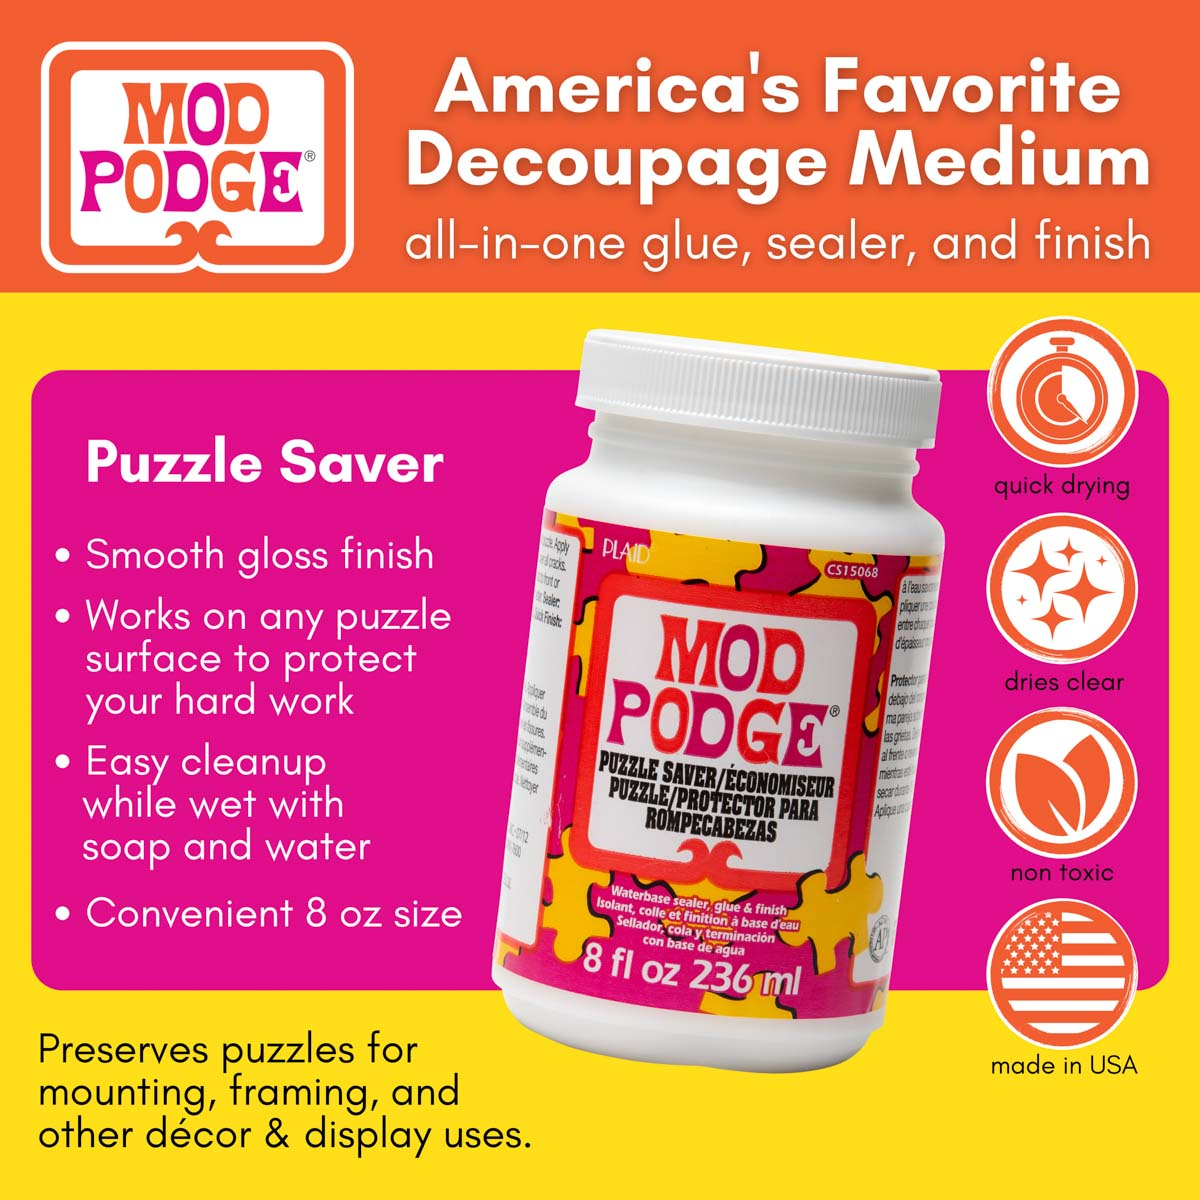 Mod Podge ® Puzzle Saver, 8 oz. - CS15068